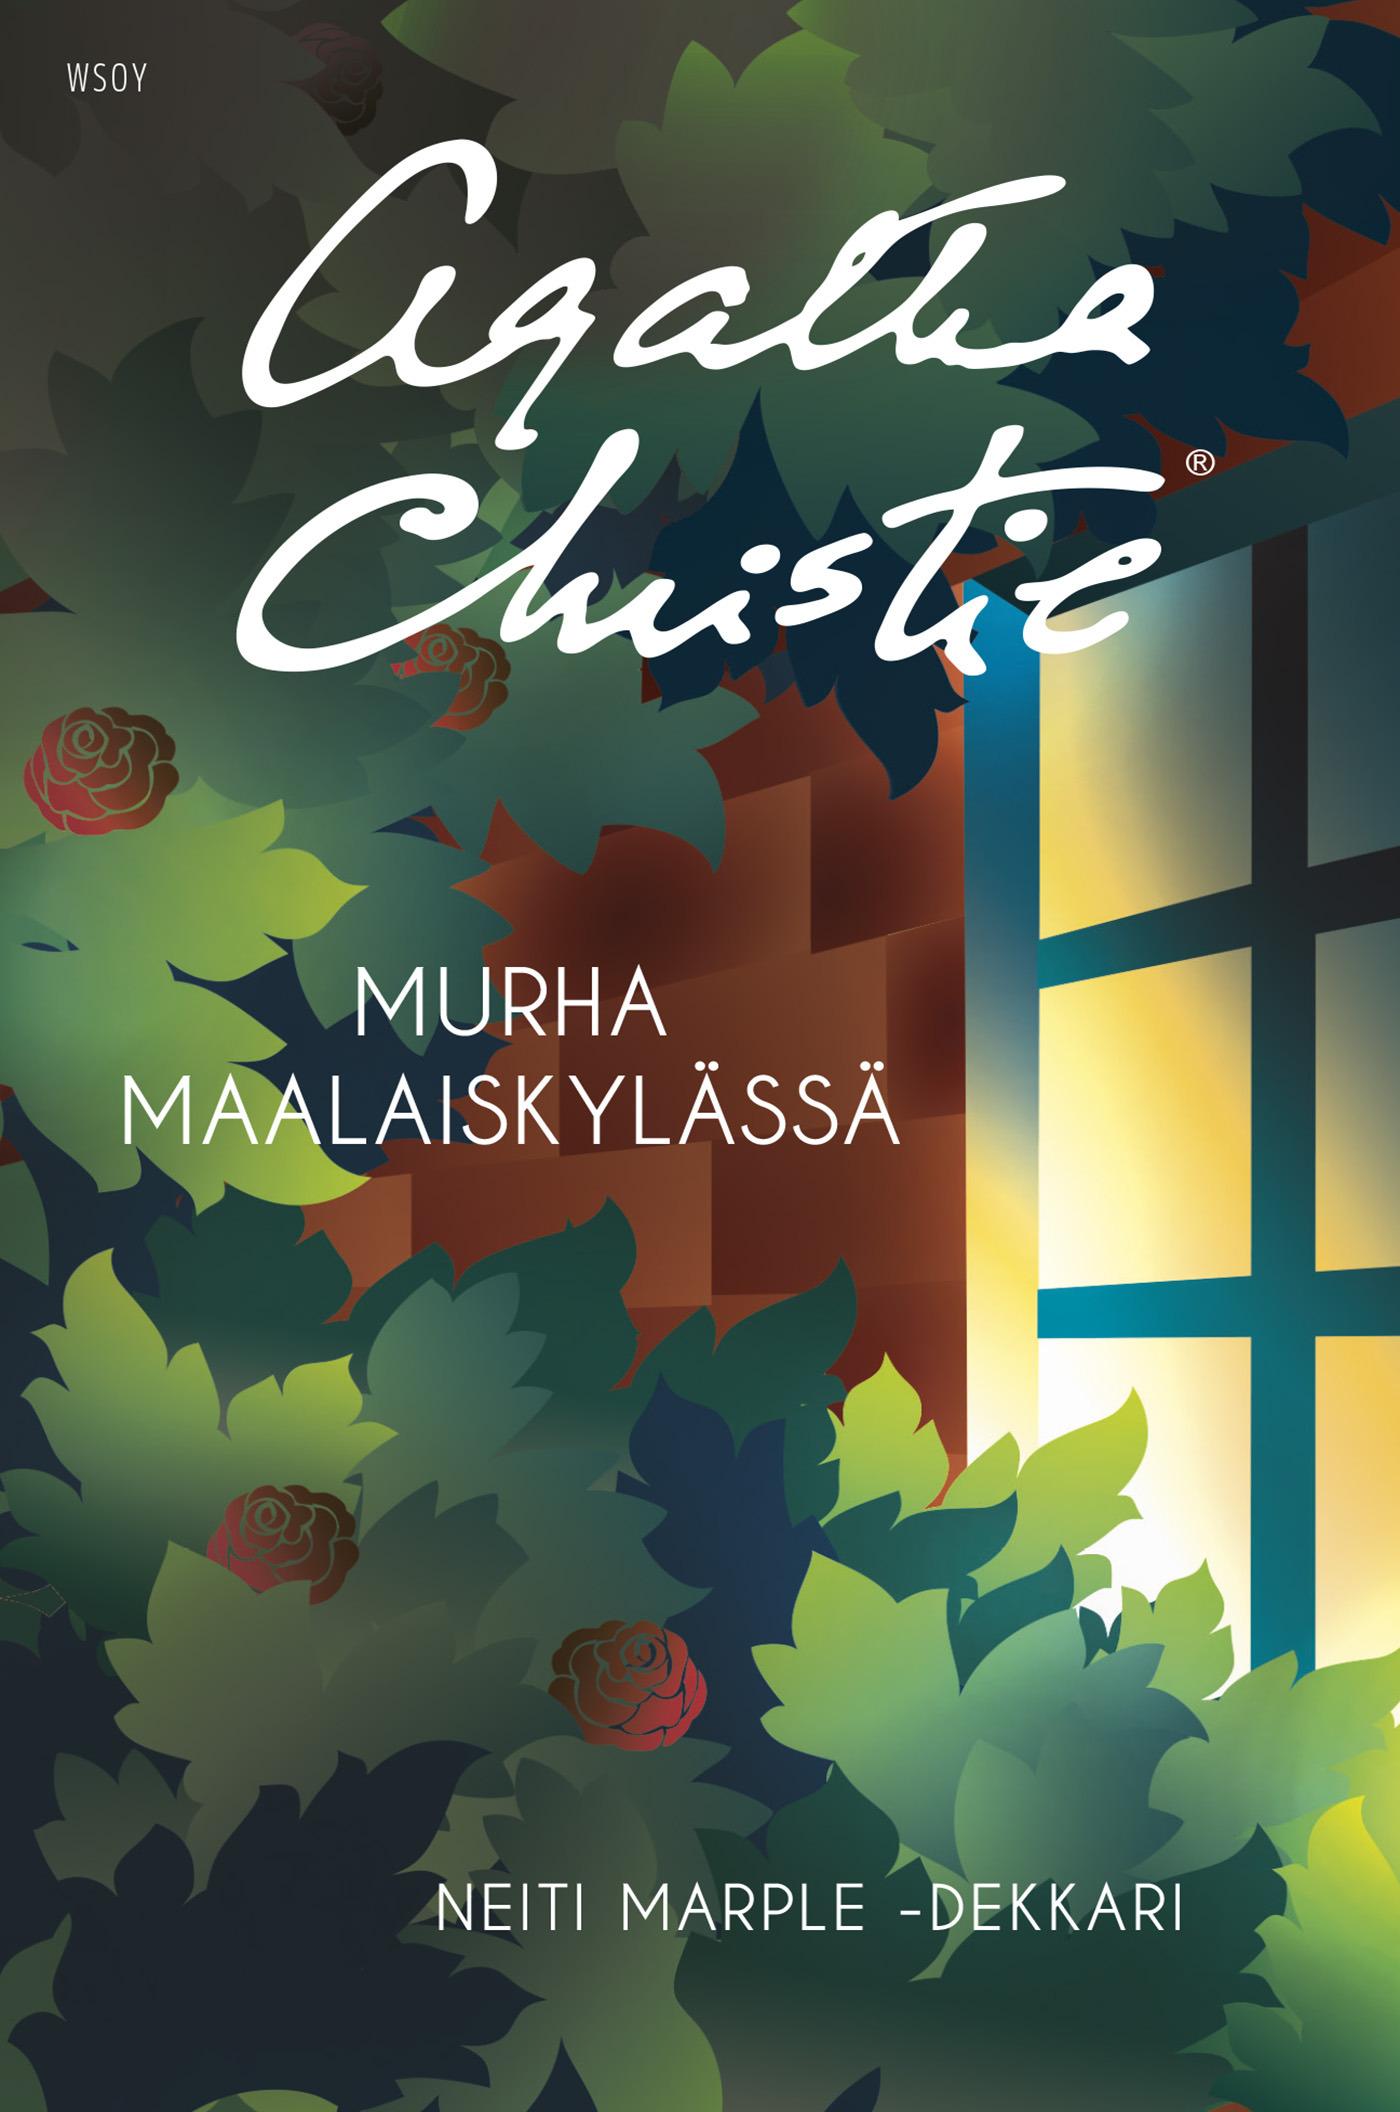 Christie, Agatha - Murha maalaiskylässä, e-kirja